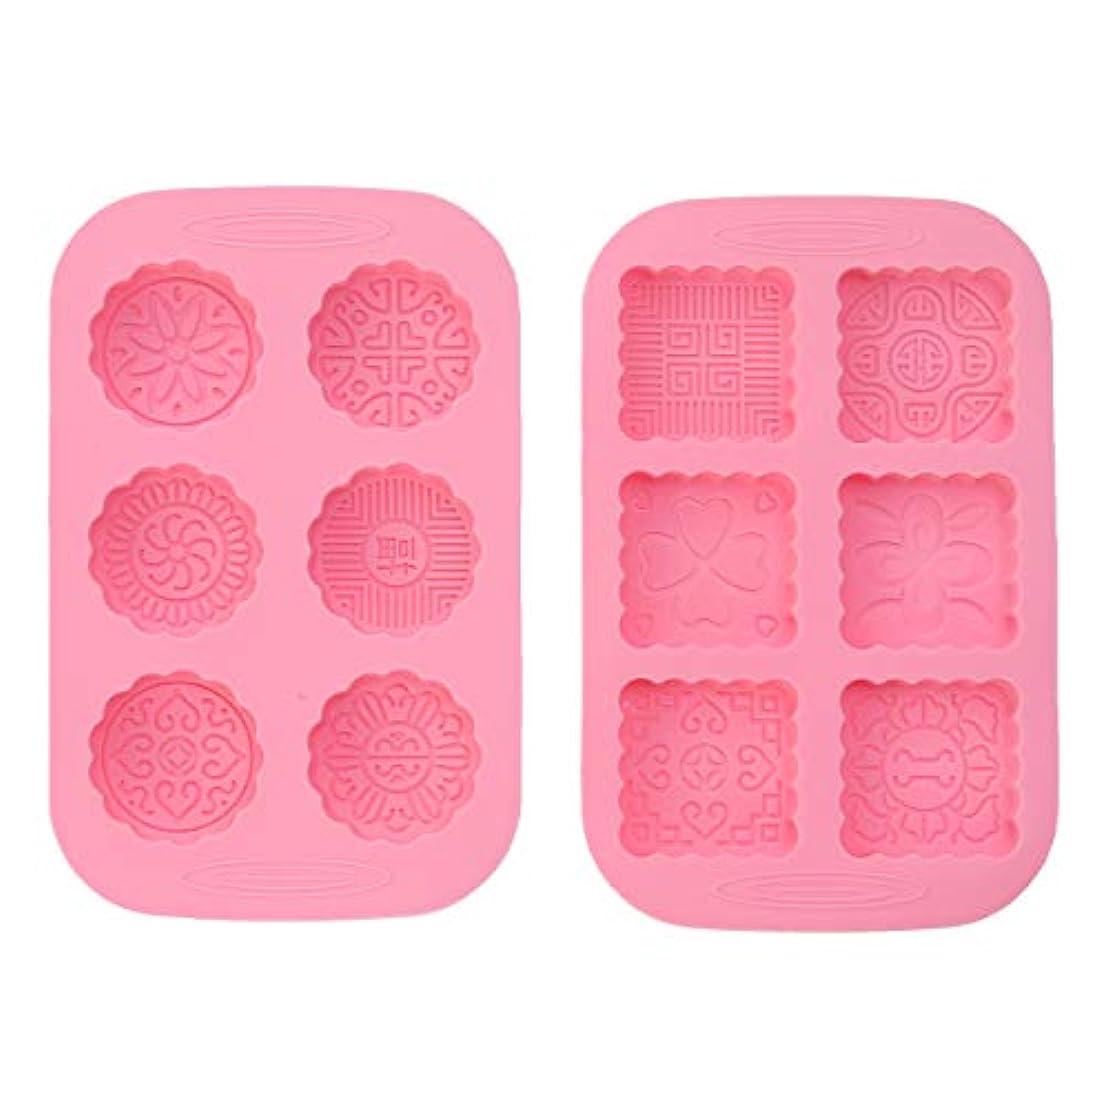 クリケットインキュバス雪のSUPVOX 2本シリコンケーキマフィンムーンケーキ型花型金型DIYフォンダンショコラキャンディ金型アイスゼリーソープキューブトレイ(ピンク)